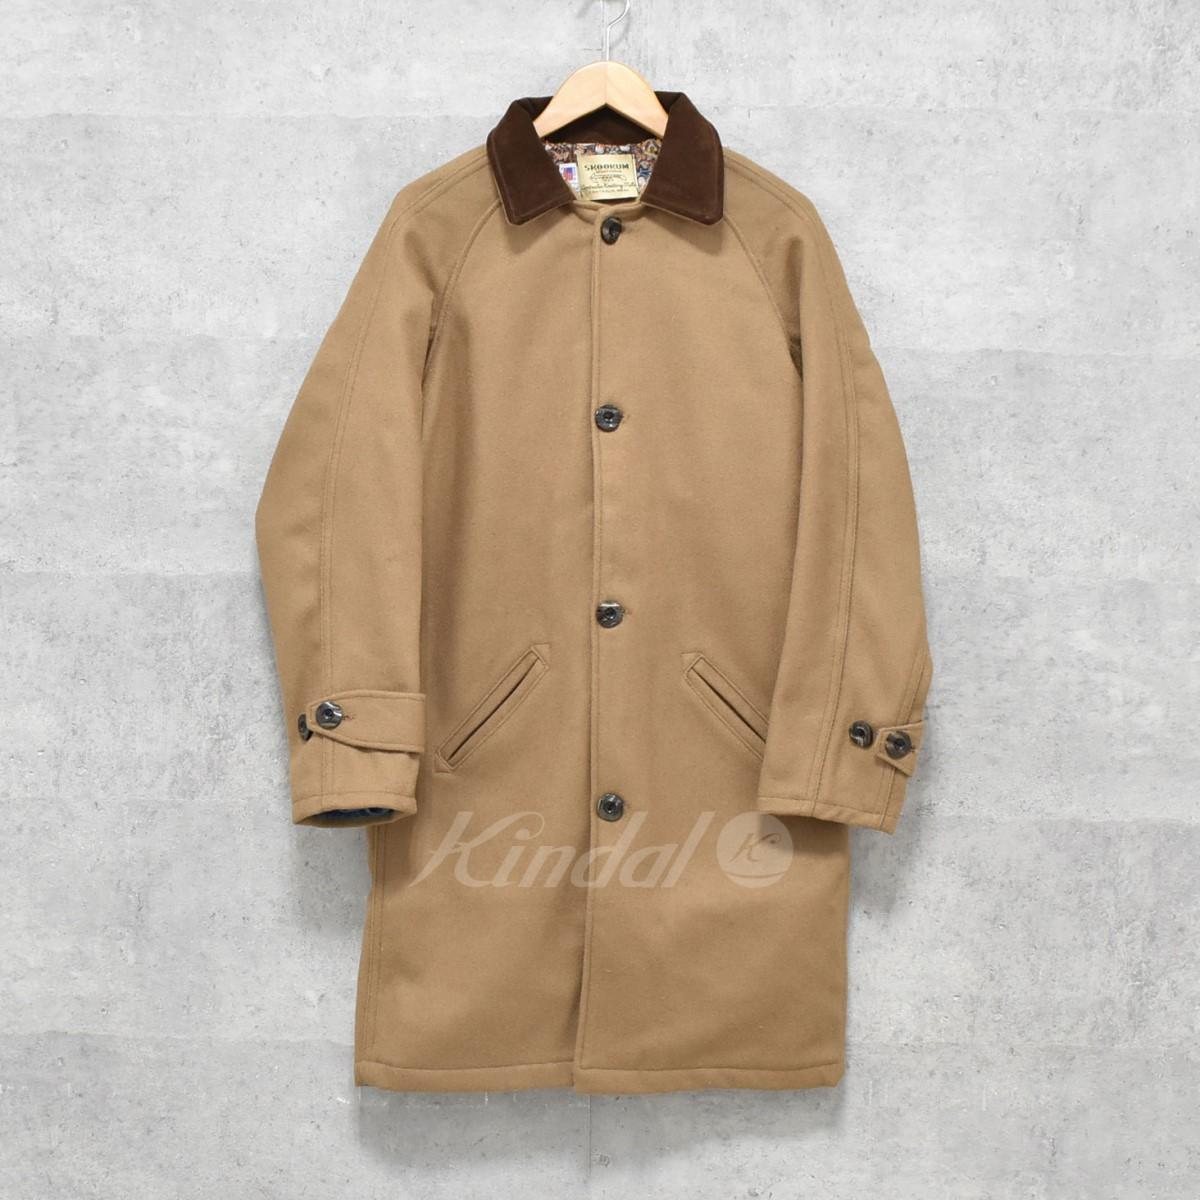 【中古】SKOOKUM ウールジャケット WOOL JACKET ベージュブラウン サイズ:34 【送料無料】 【300918】(スクーカム)